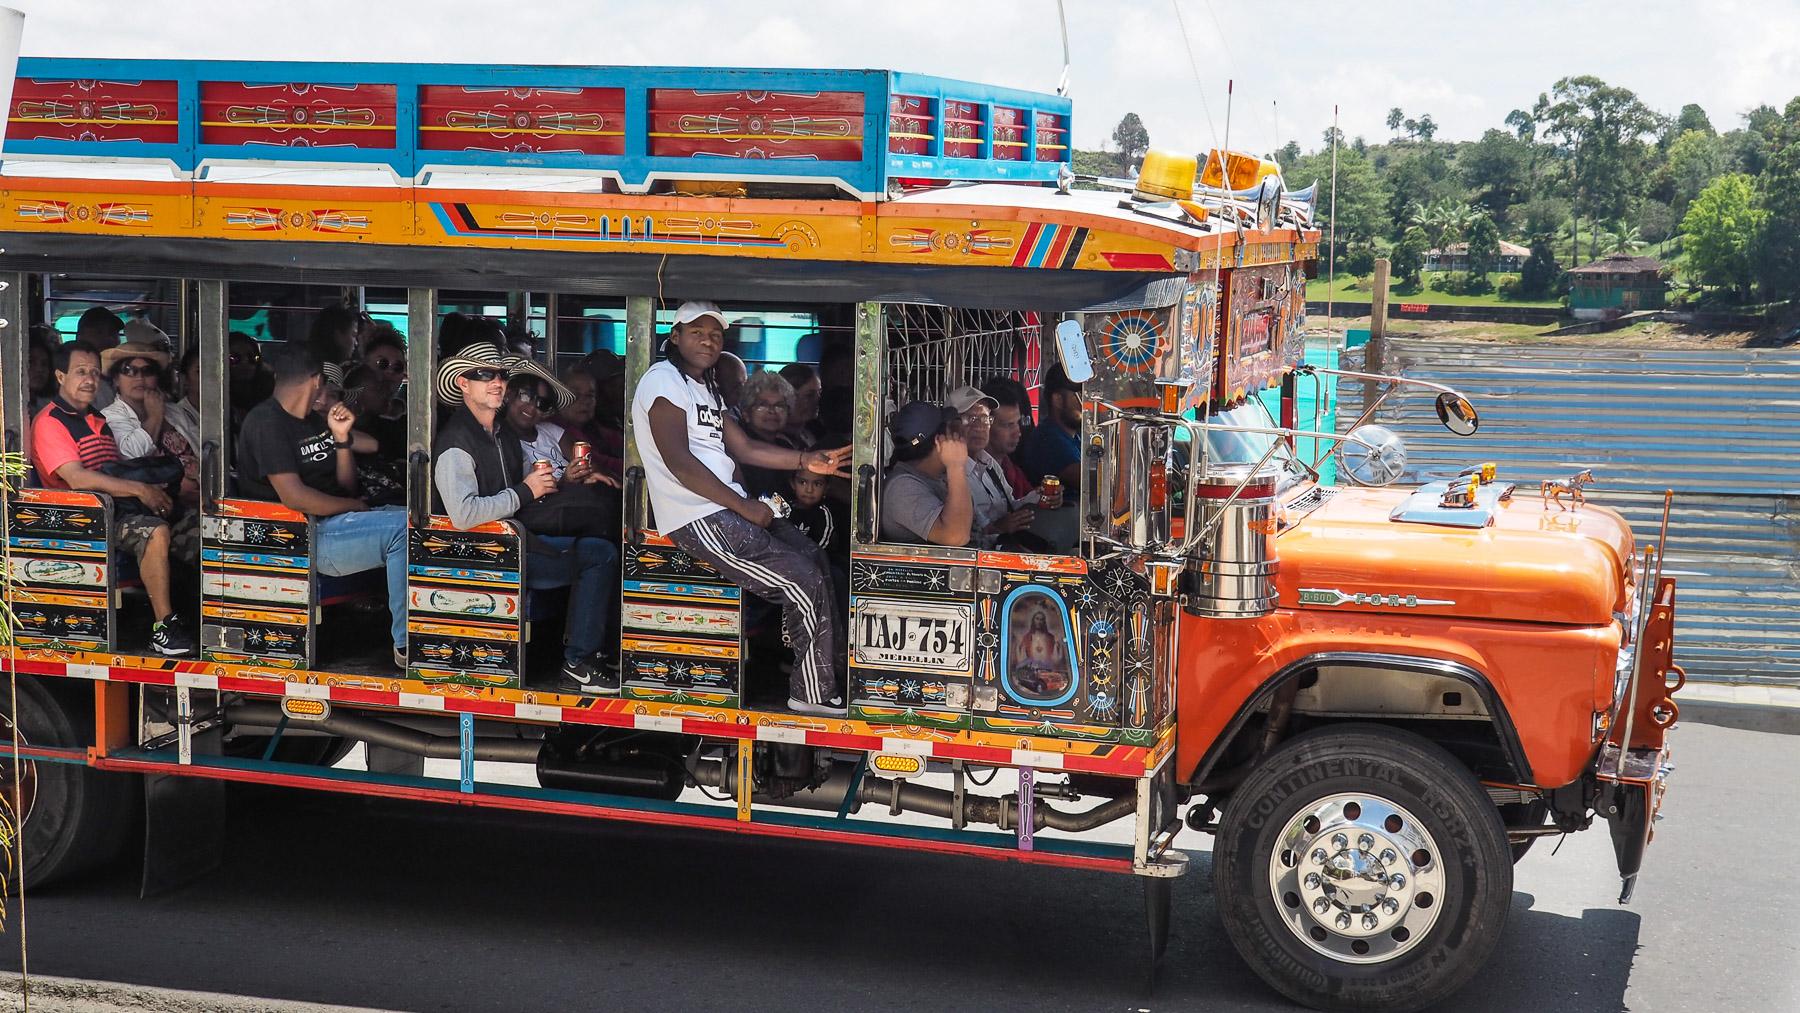 Liebevoll bemalter Linien-Bus